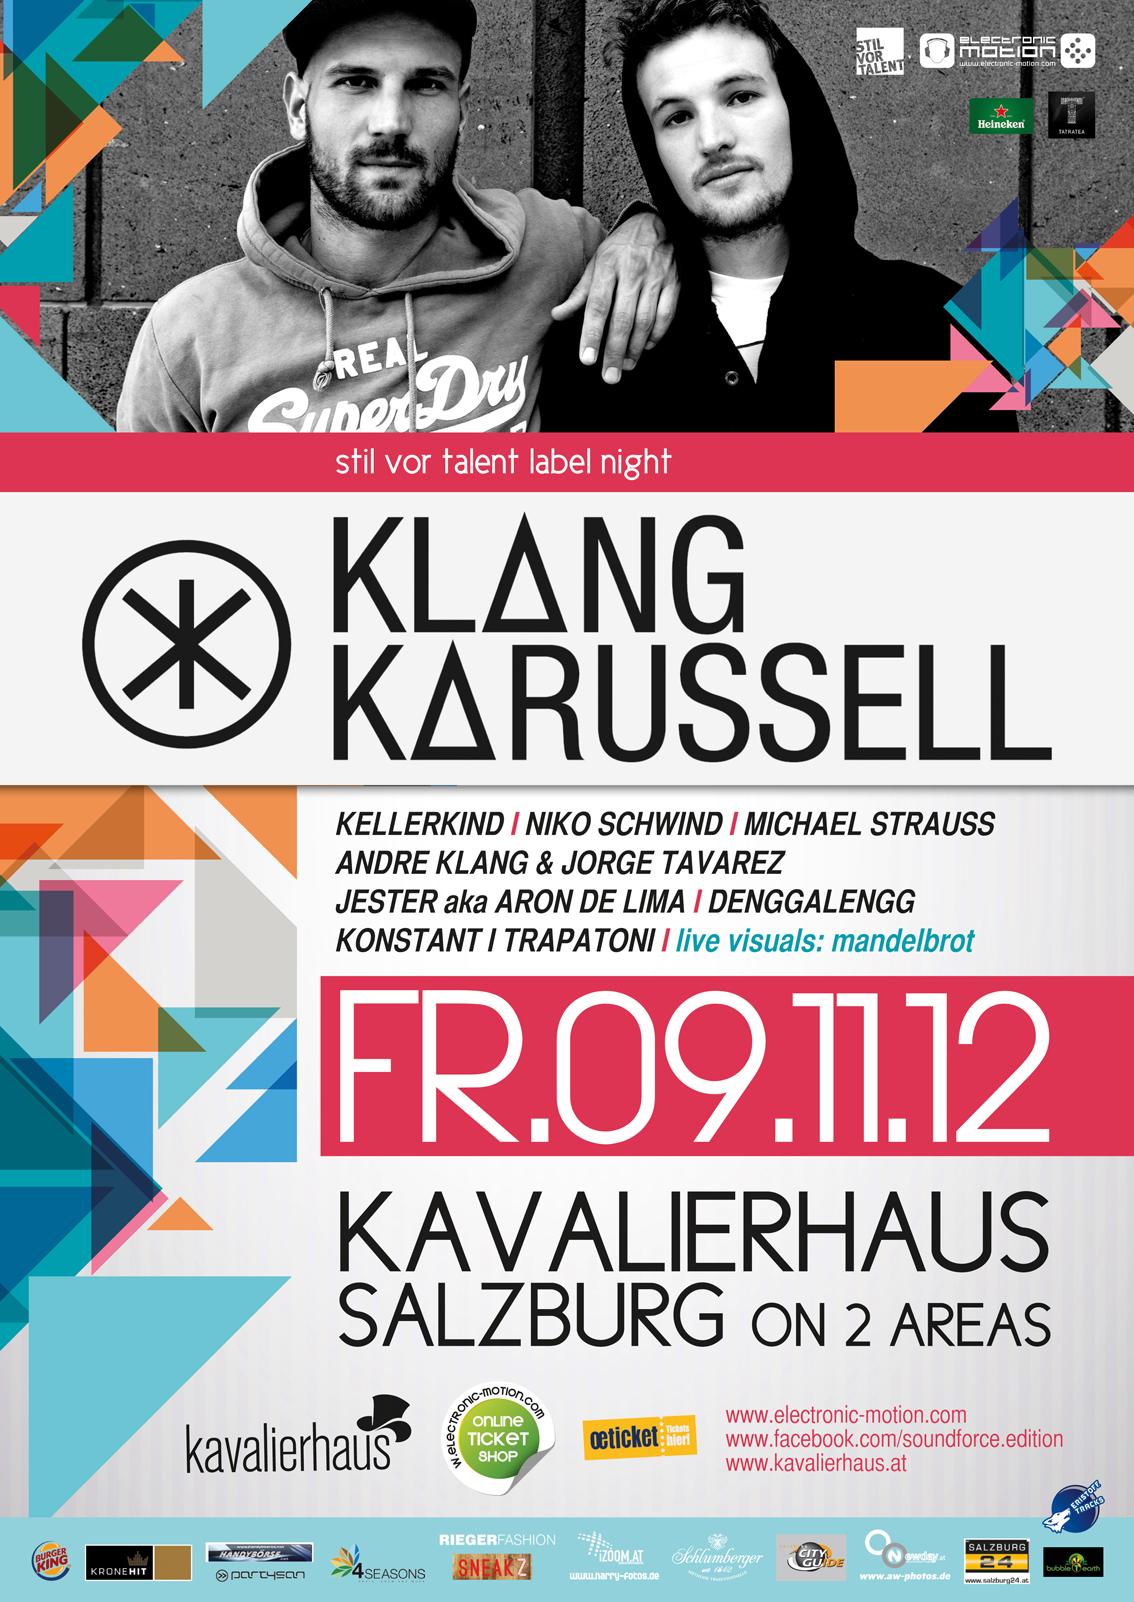 """""""STIL VOR TALENT"""" LABEL NIGHT — featuring KLANGKARUSSELL, 09.11.2012 @ KAVALIERHAUS Klessheim, Salzburg"""